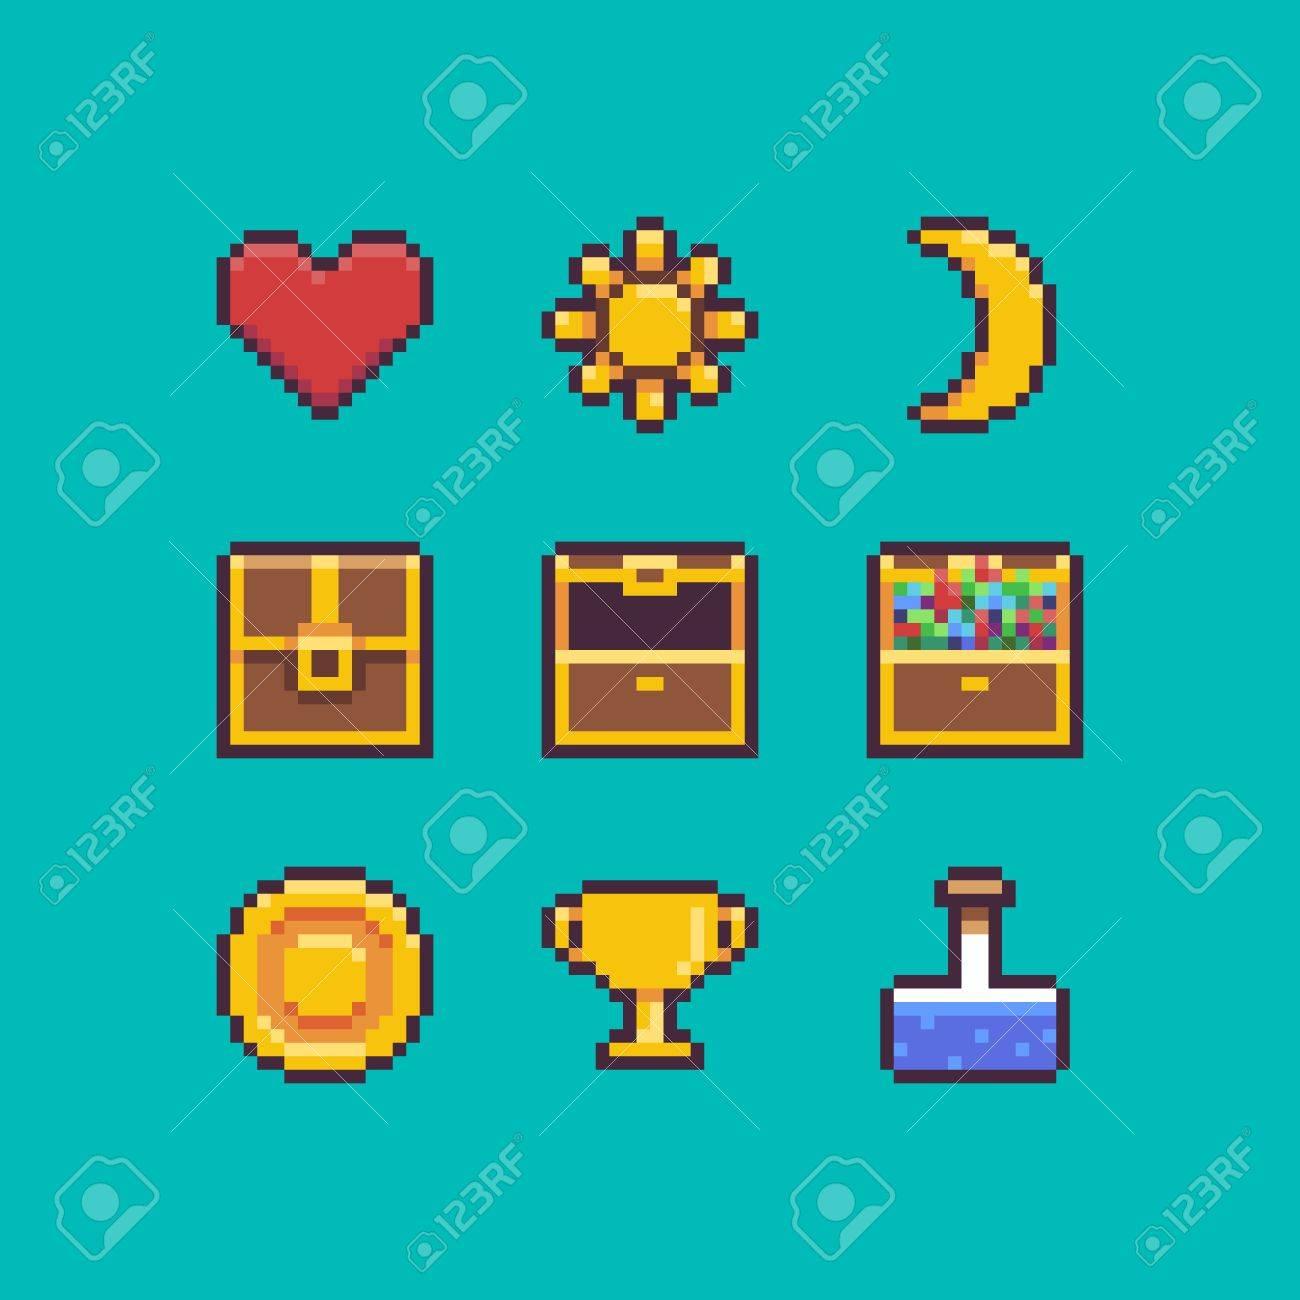 Pixel Art Coeur Poitrine Pièce De Monnaie Goblet Or Icônes De Soleil Et De La Lune Avec Des Contours